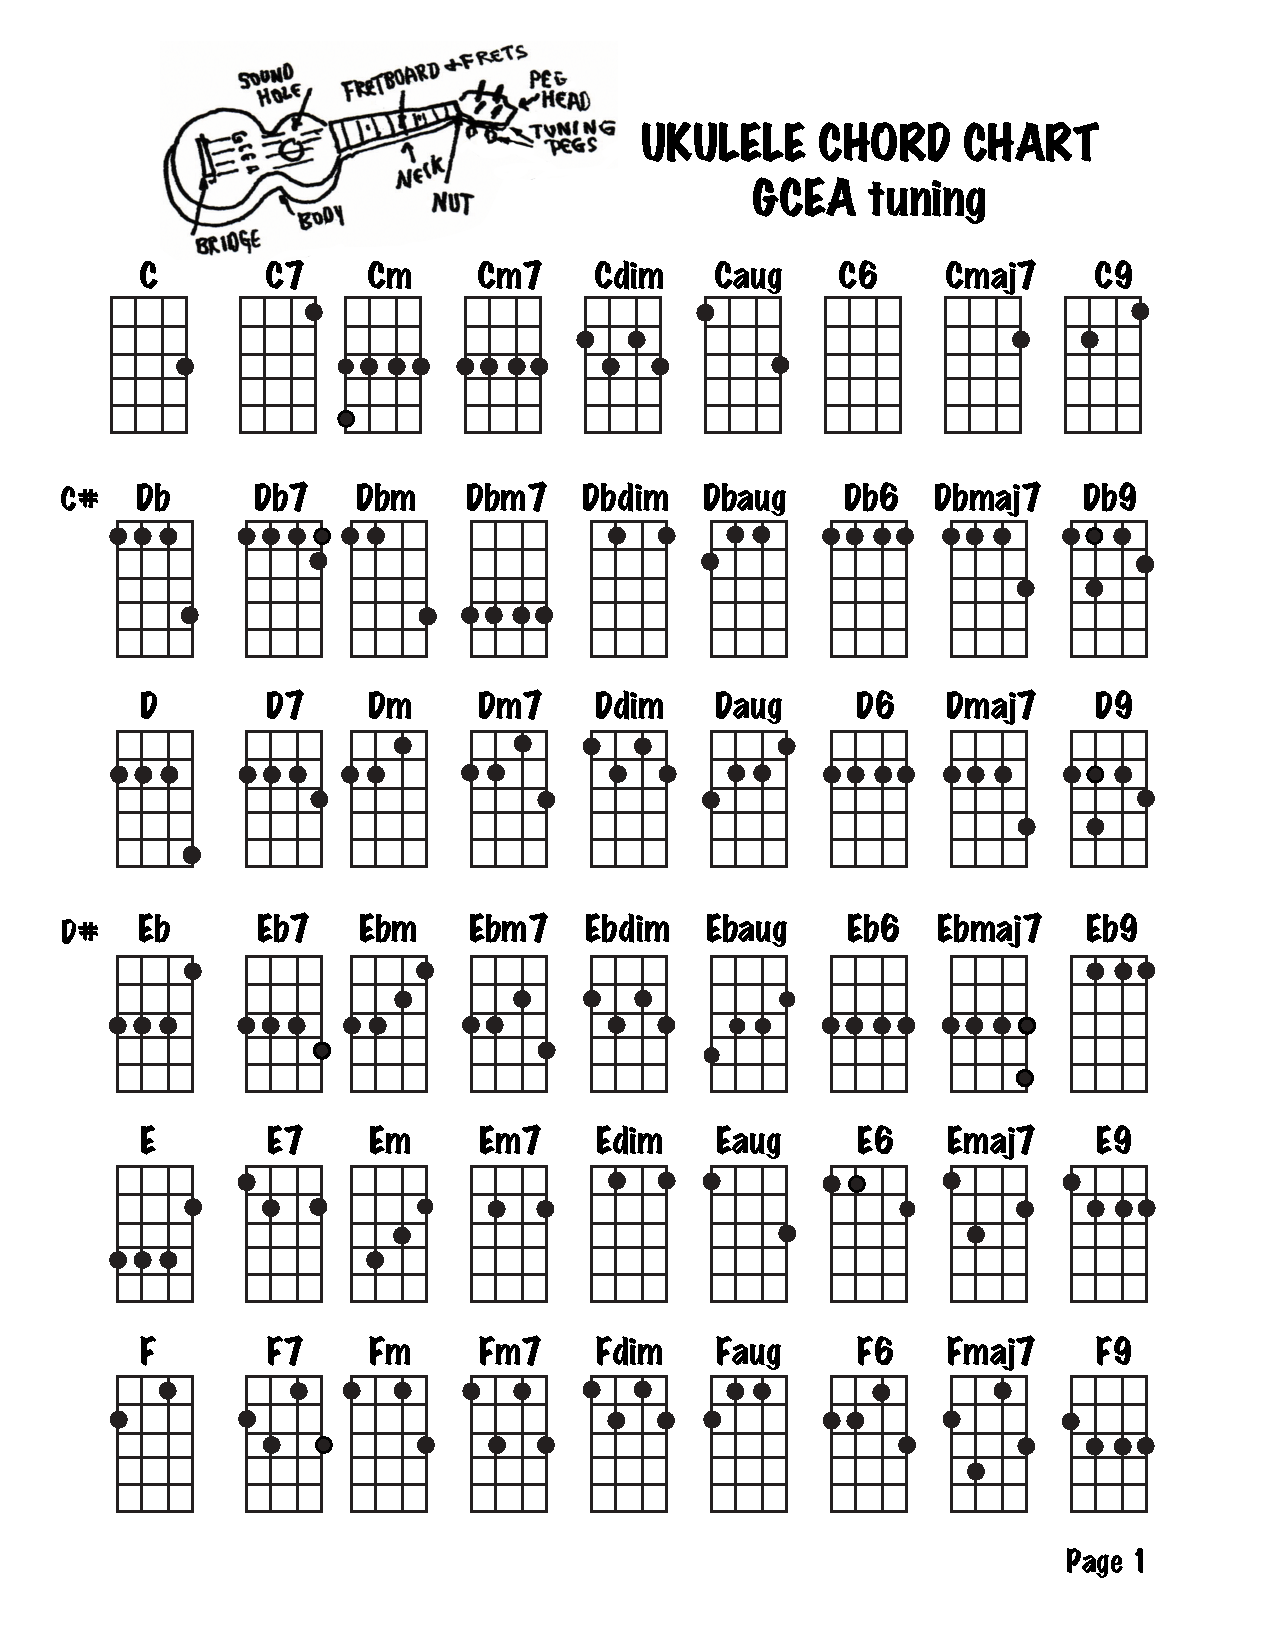 Ukulele soprano chord chart ukulele soprano chord chart lovin ukulele soprano chord chart ukulele soprano chord chart hexwebz Gallery